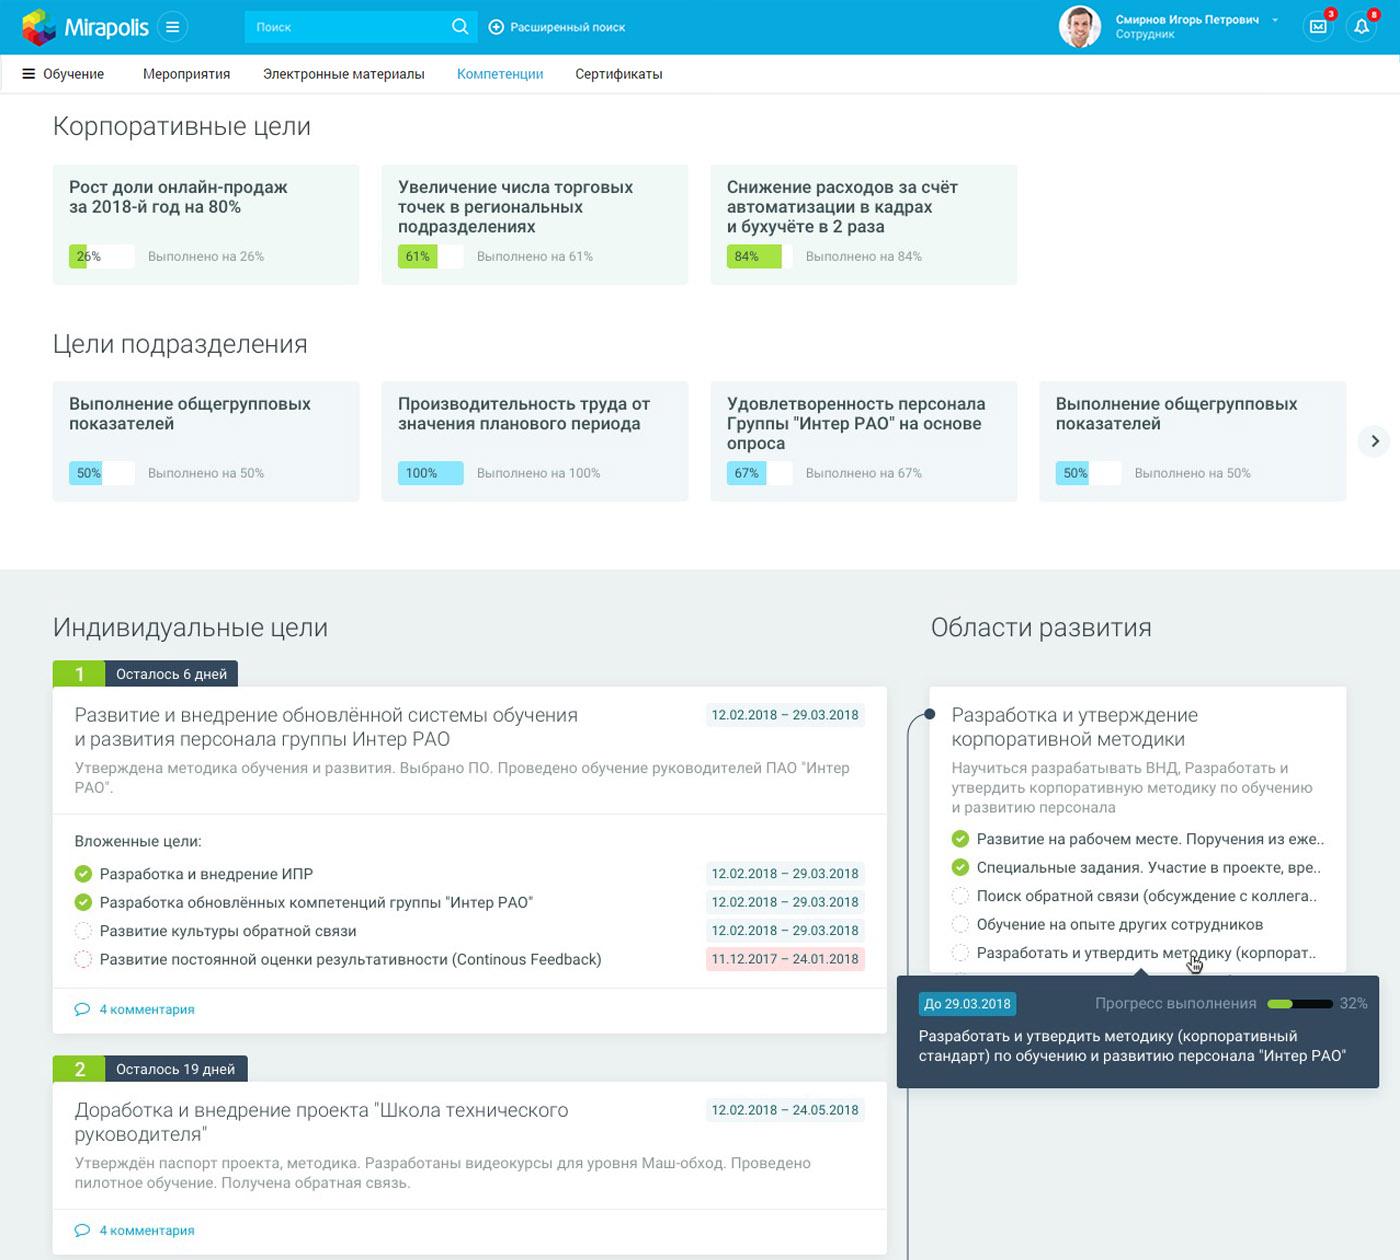 Автоматизация оценки KPI